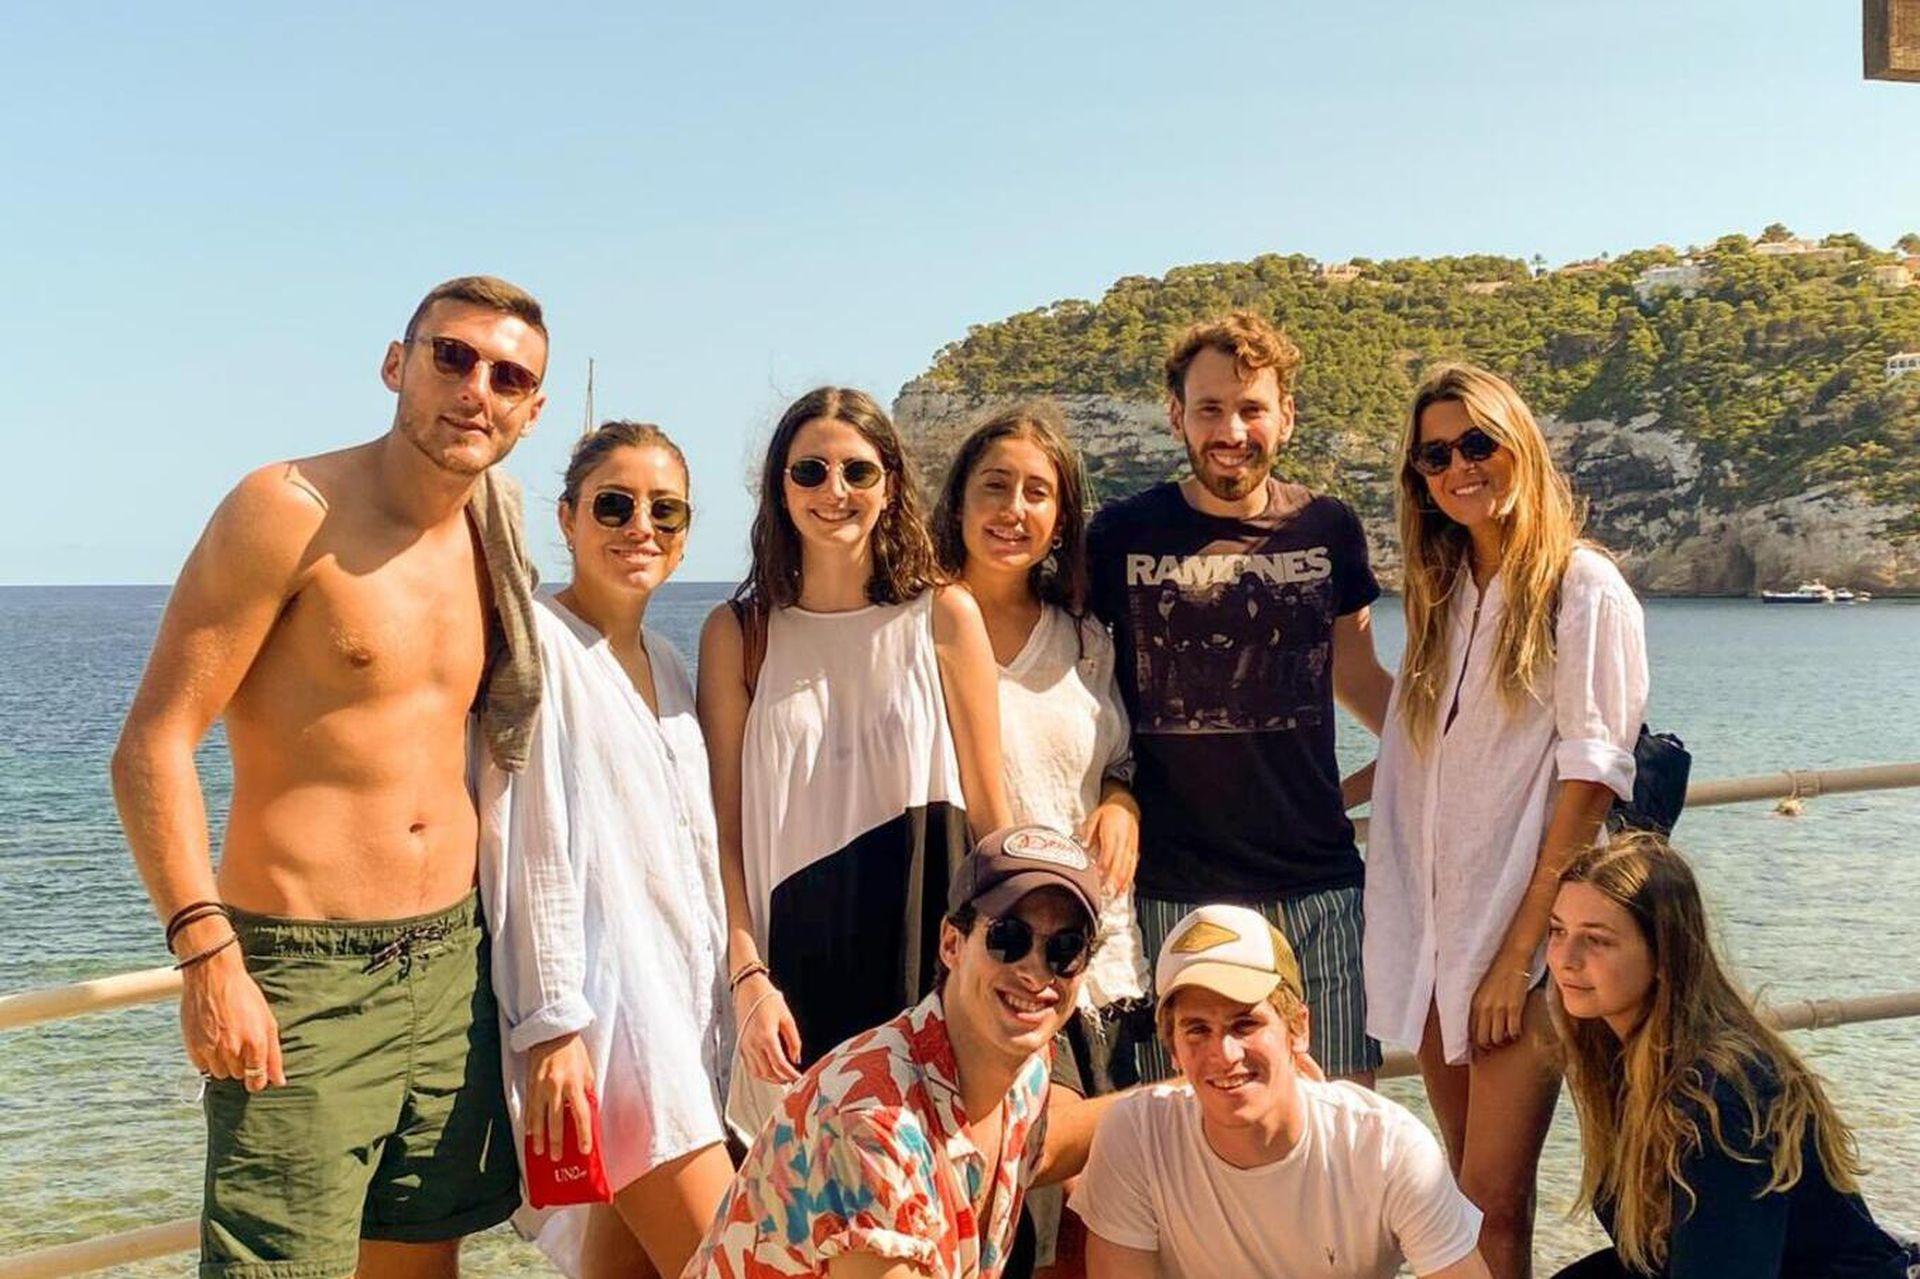 En septiembre, viajó junto a algunos de sus nuevos amigos a Javea, un municipio de la Comunidad Valenciana